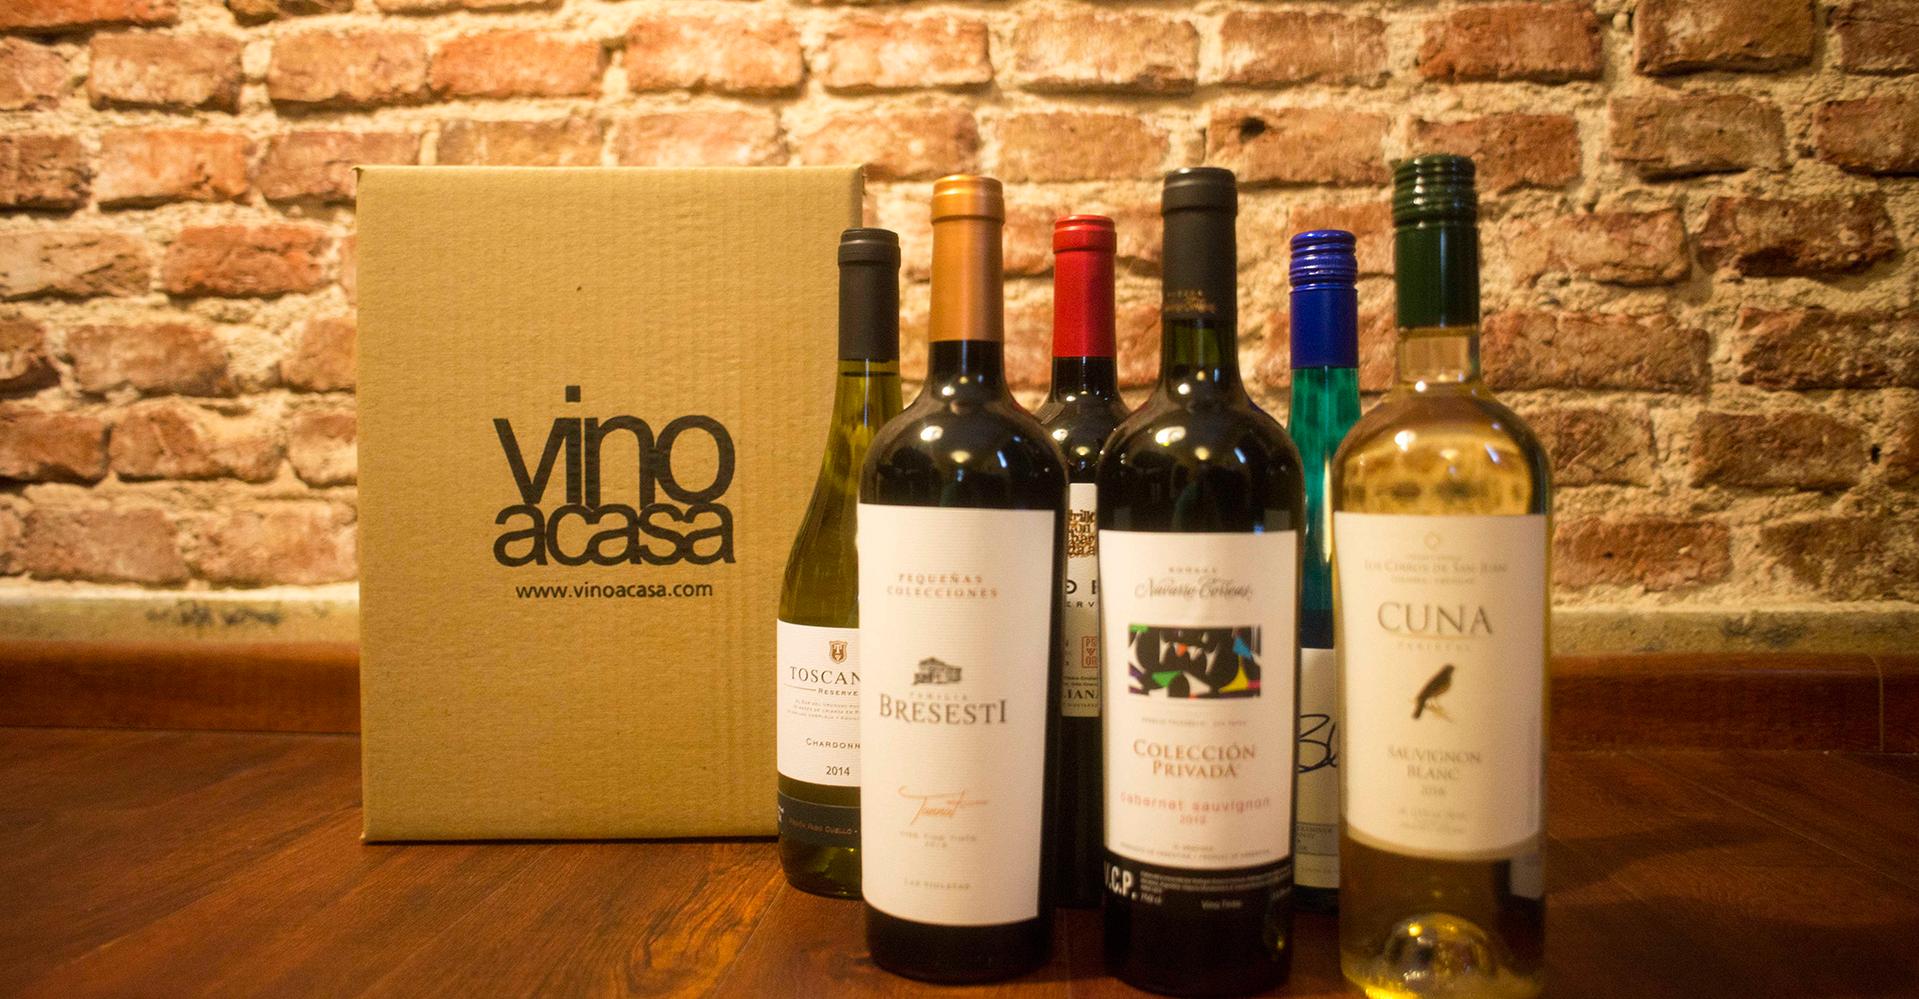 No hay excusas para no saber sobre vinos